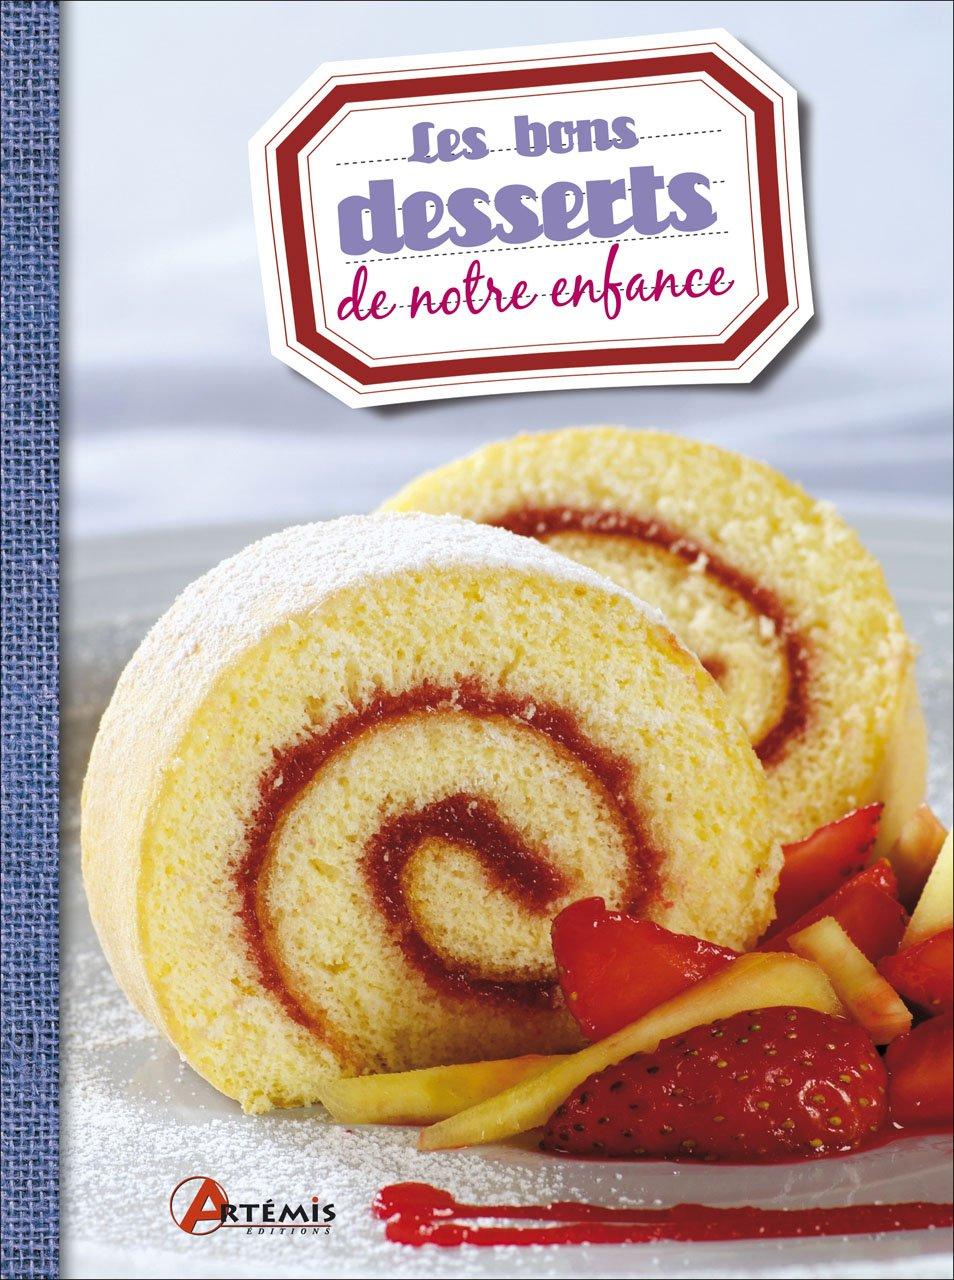 Les bons desserts de notre enfance